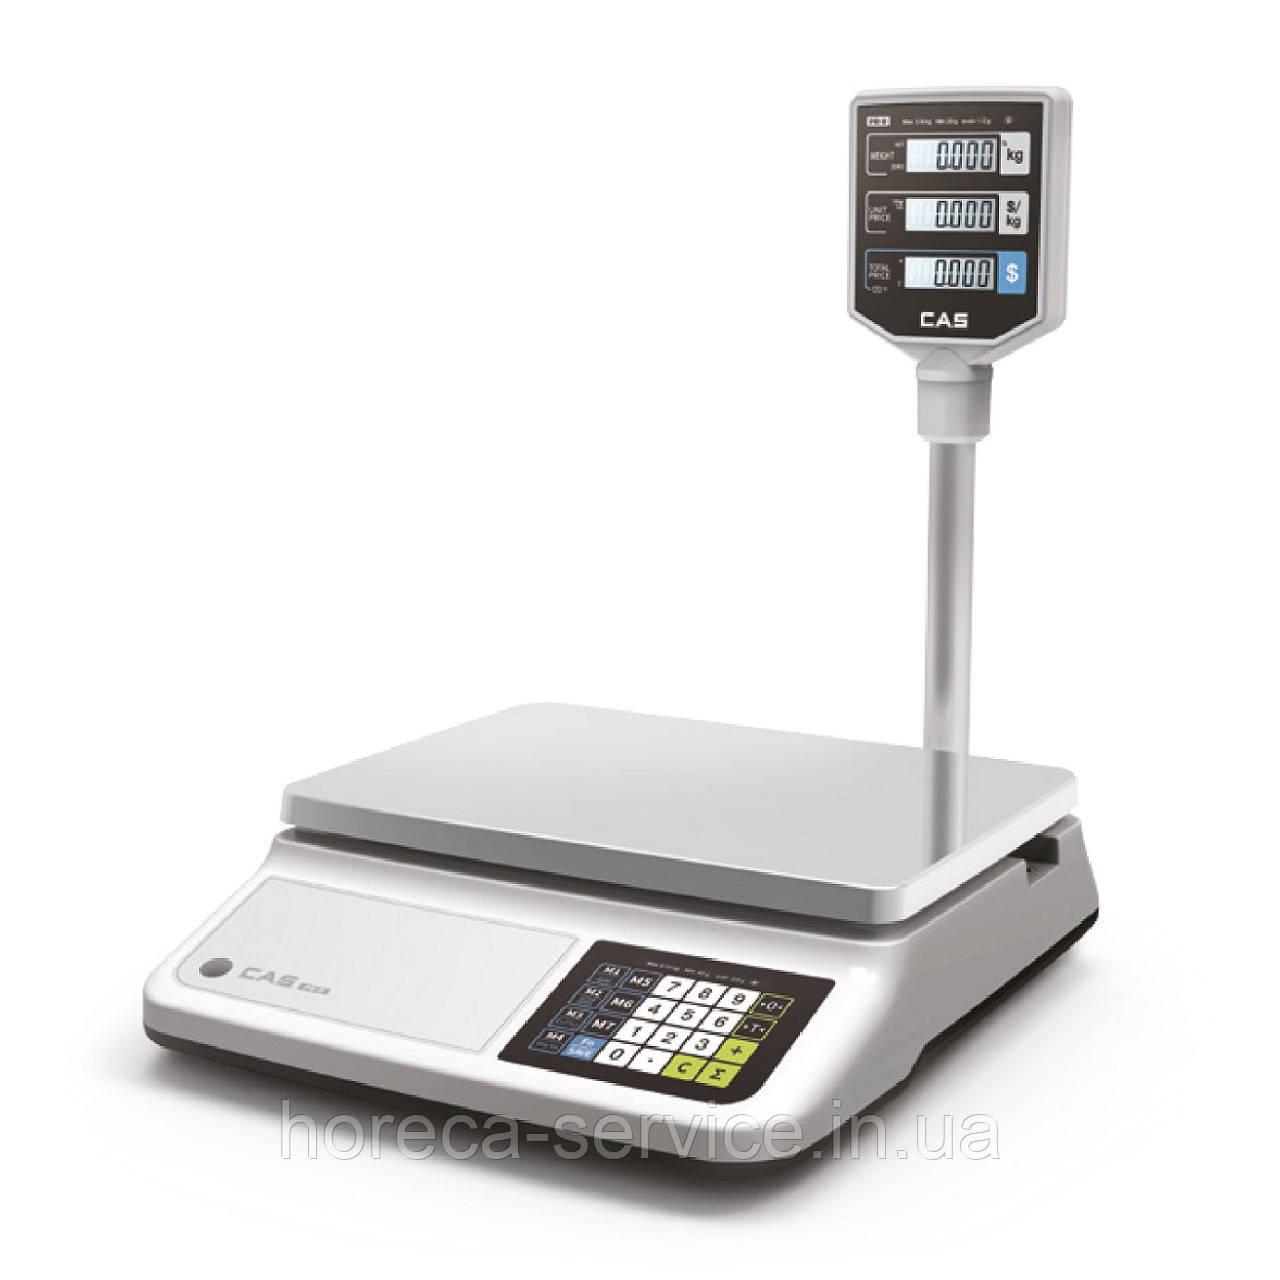 Весы торговые настольные CAS PR-15 II Р со стойкой